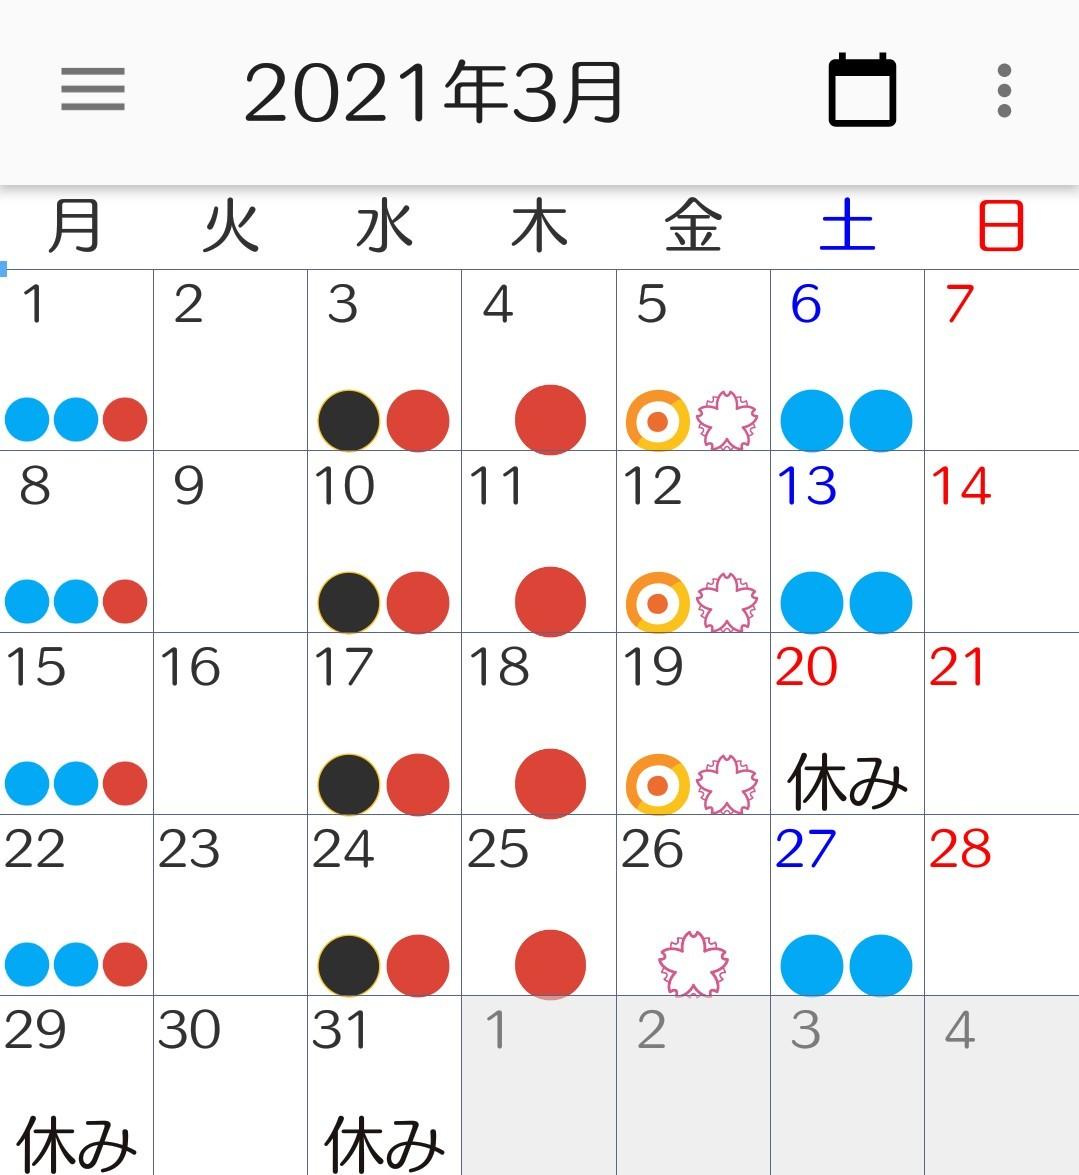 2021年3月のスケジュール&カレンダー_c0366378_12461259.jpg